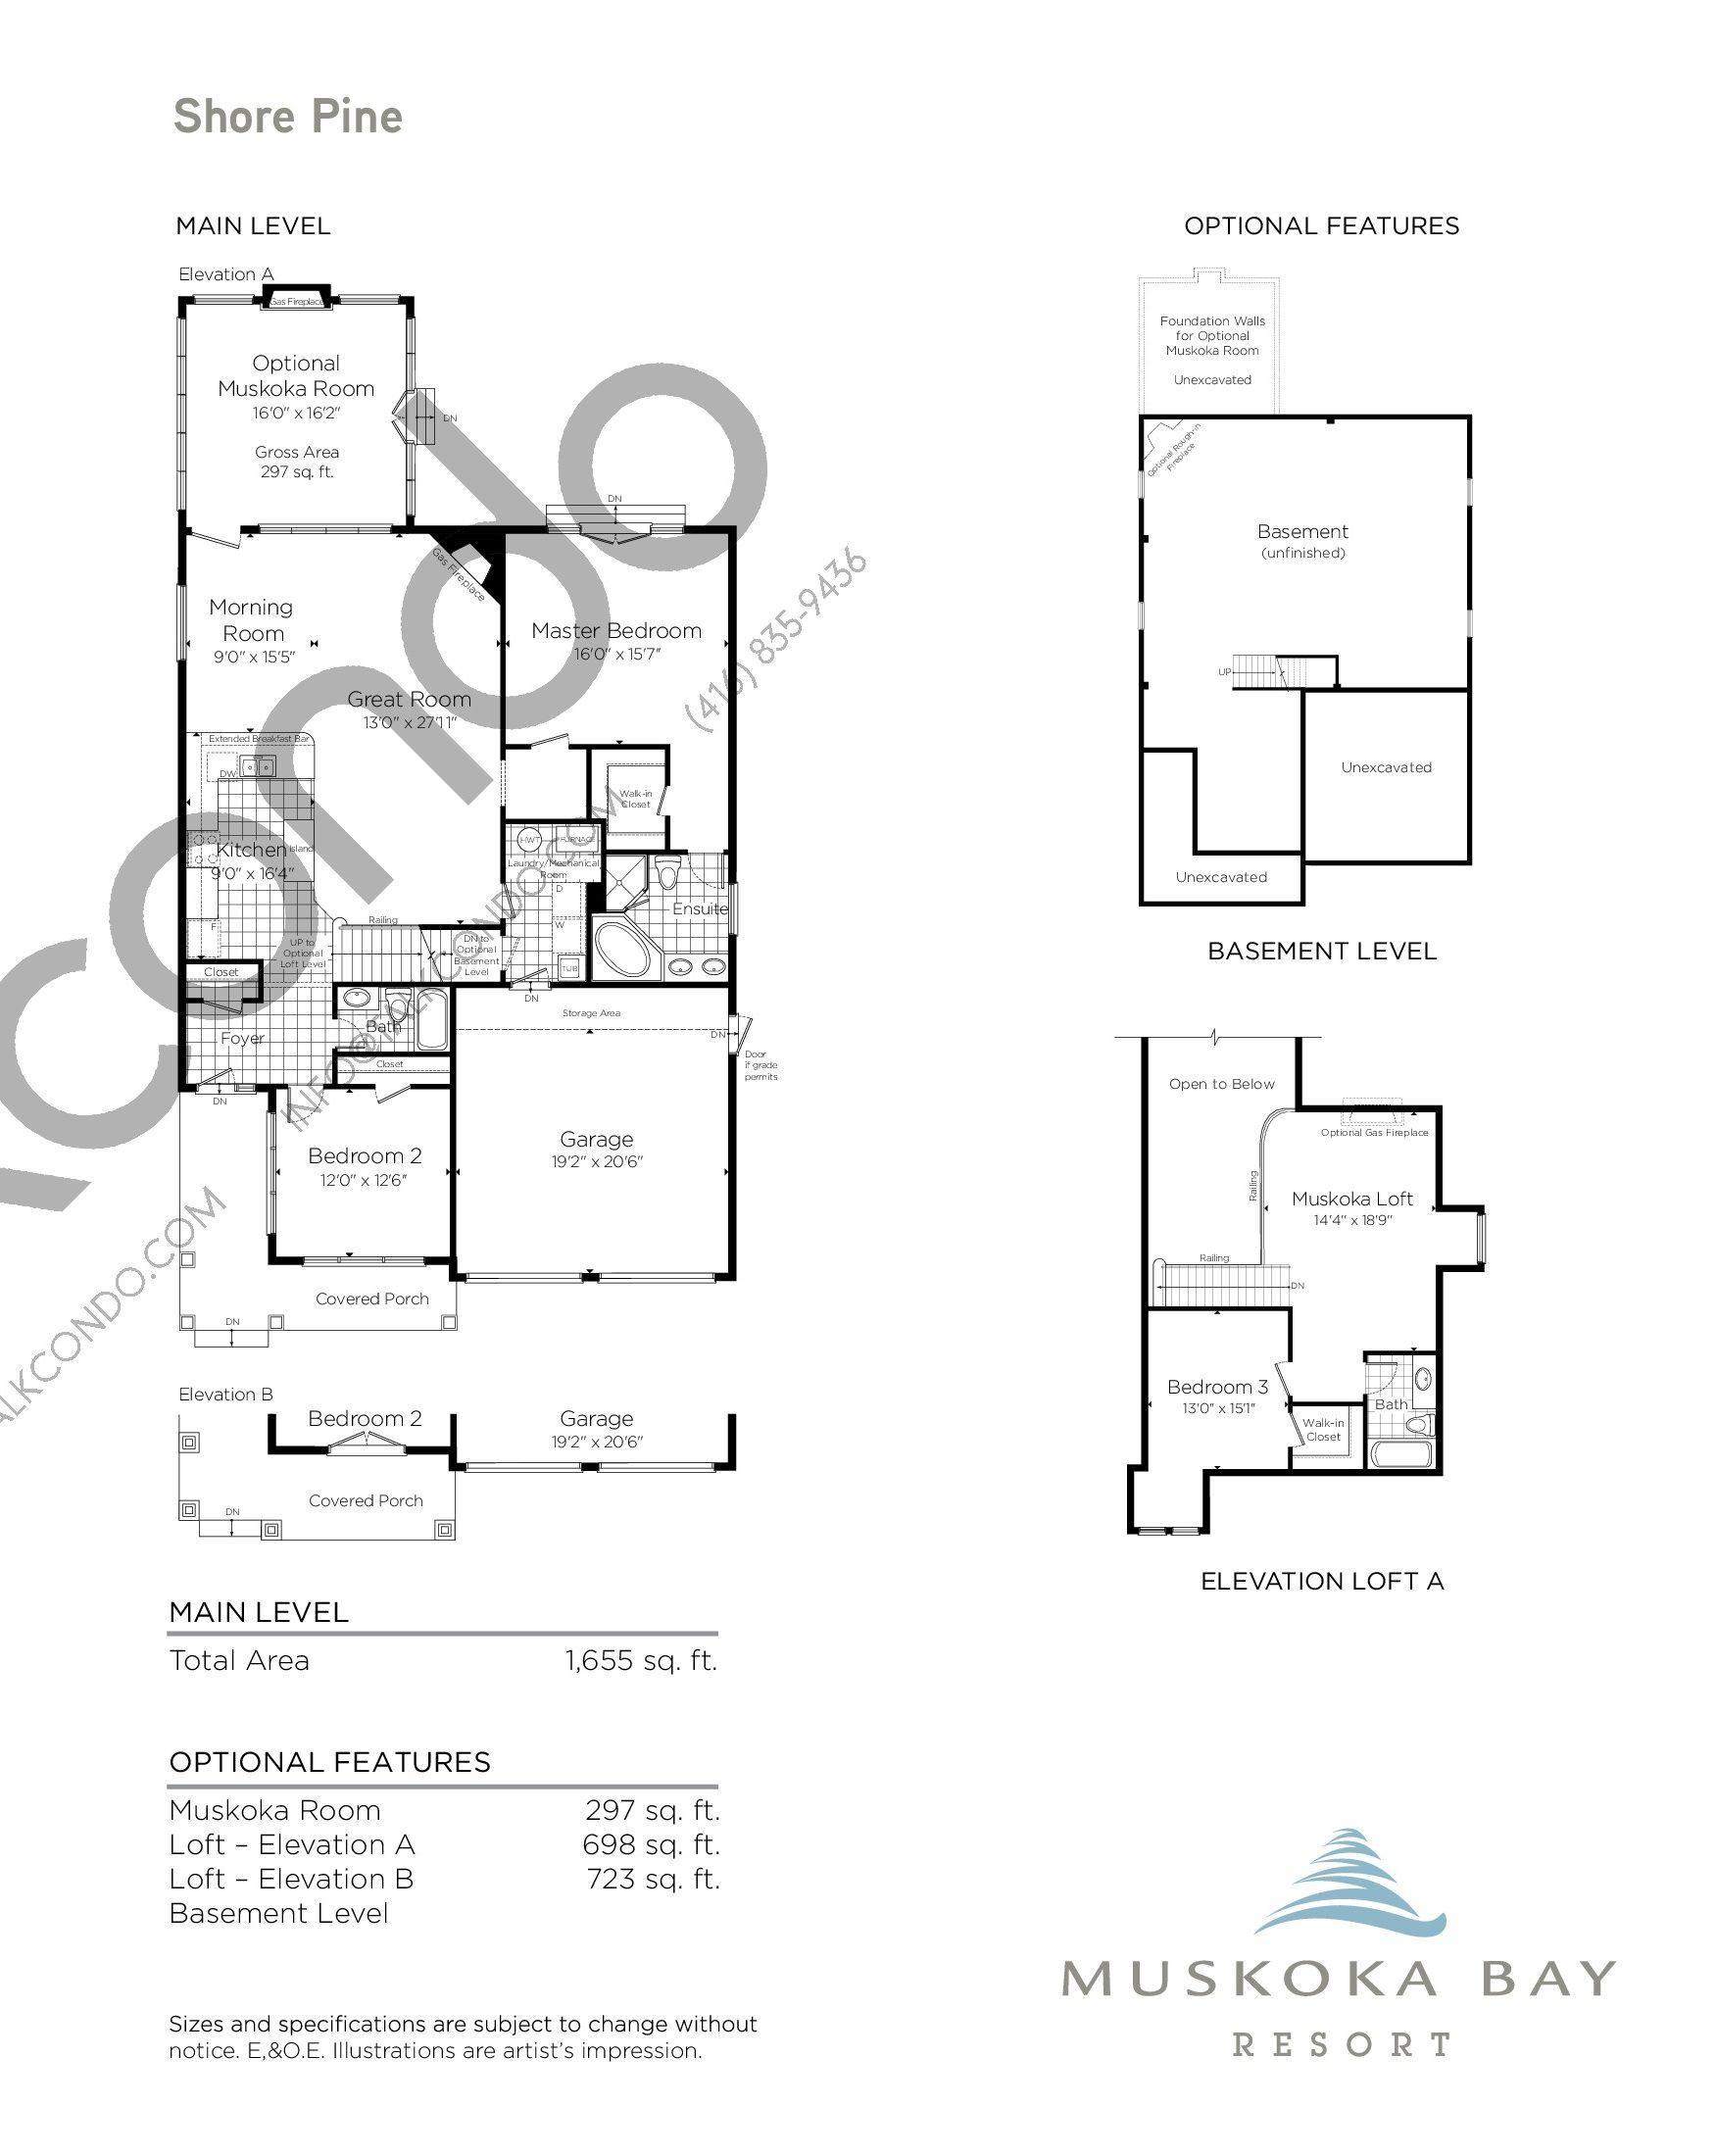 Shore Pine Floor Plan at Muskoka Bay Resort - 2675 sq.ft